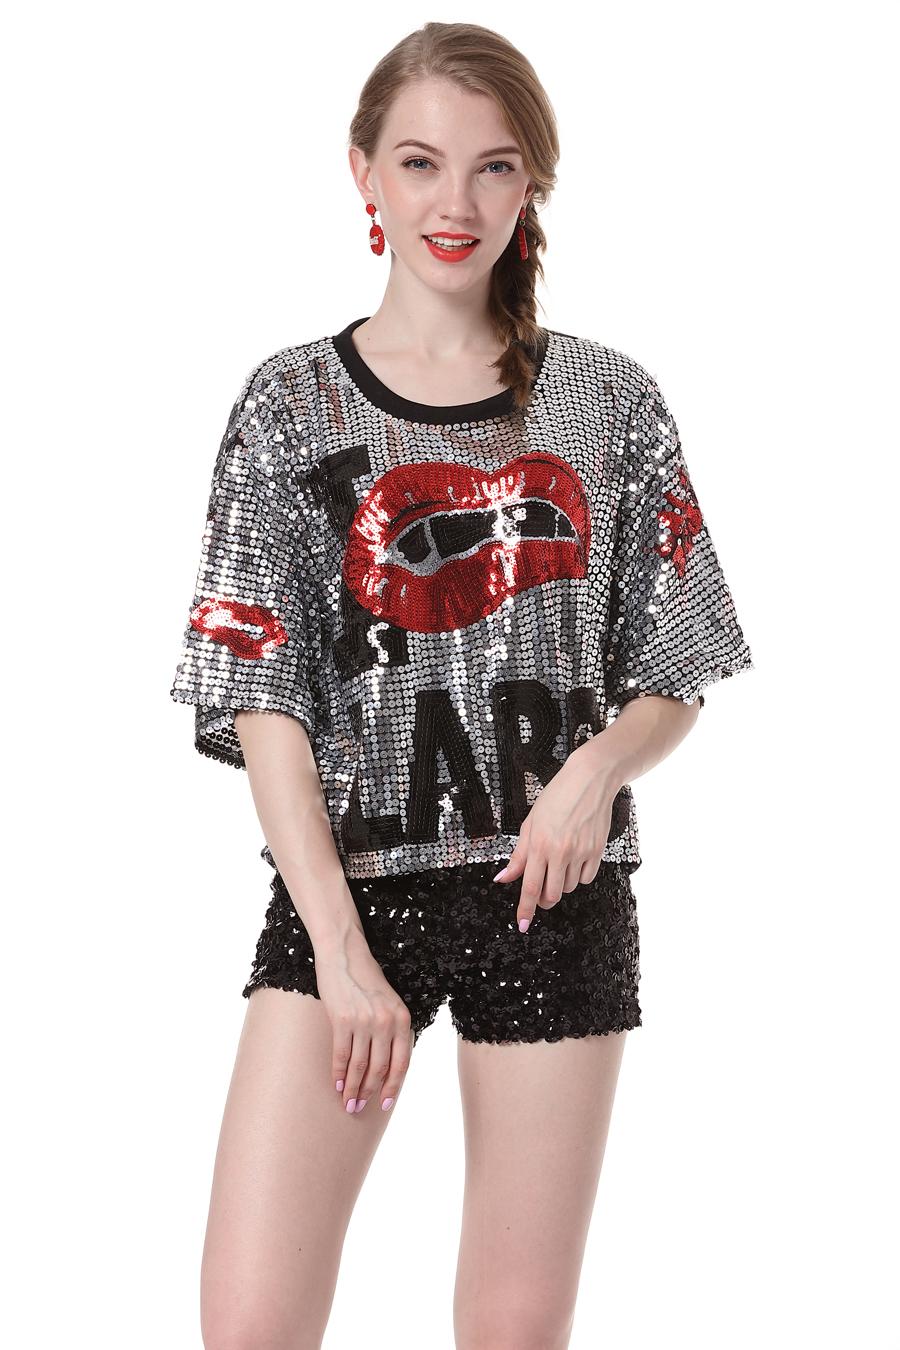 b442dcaadf US   9.79 - 1   2 Camisa de Manga Lantejoulas - www.global-lover.com